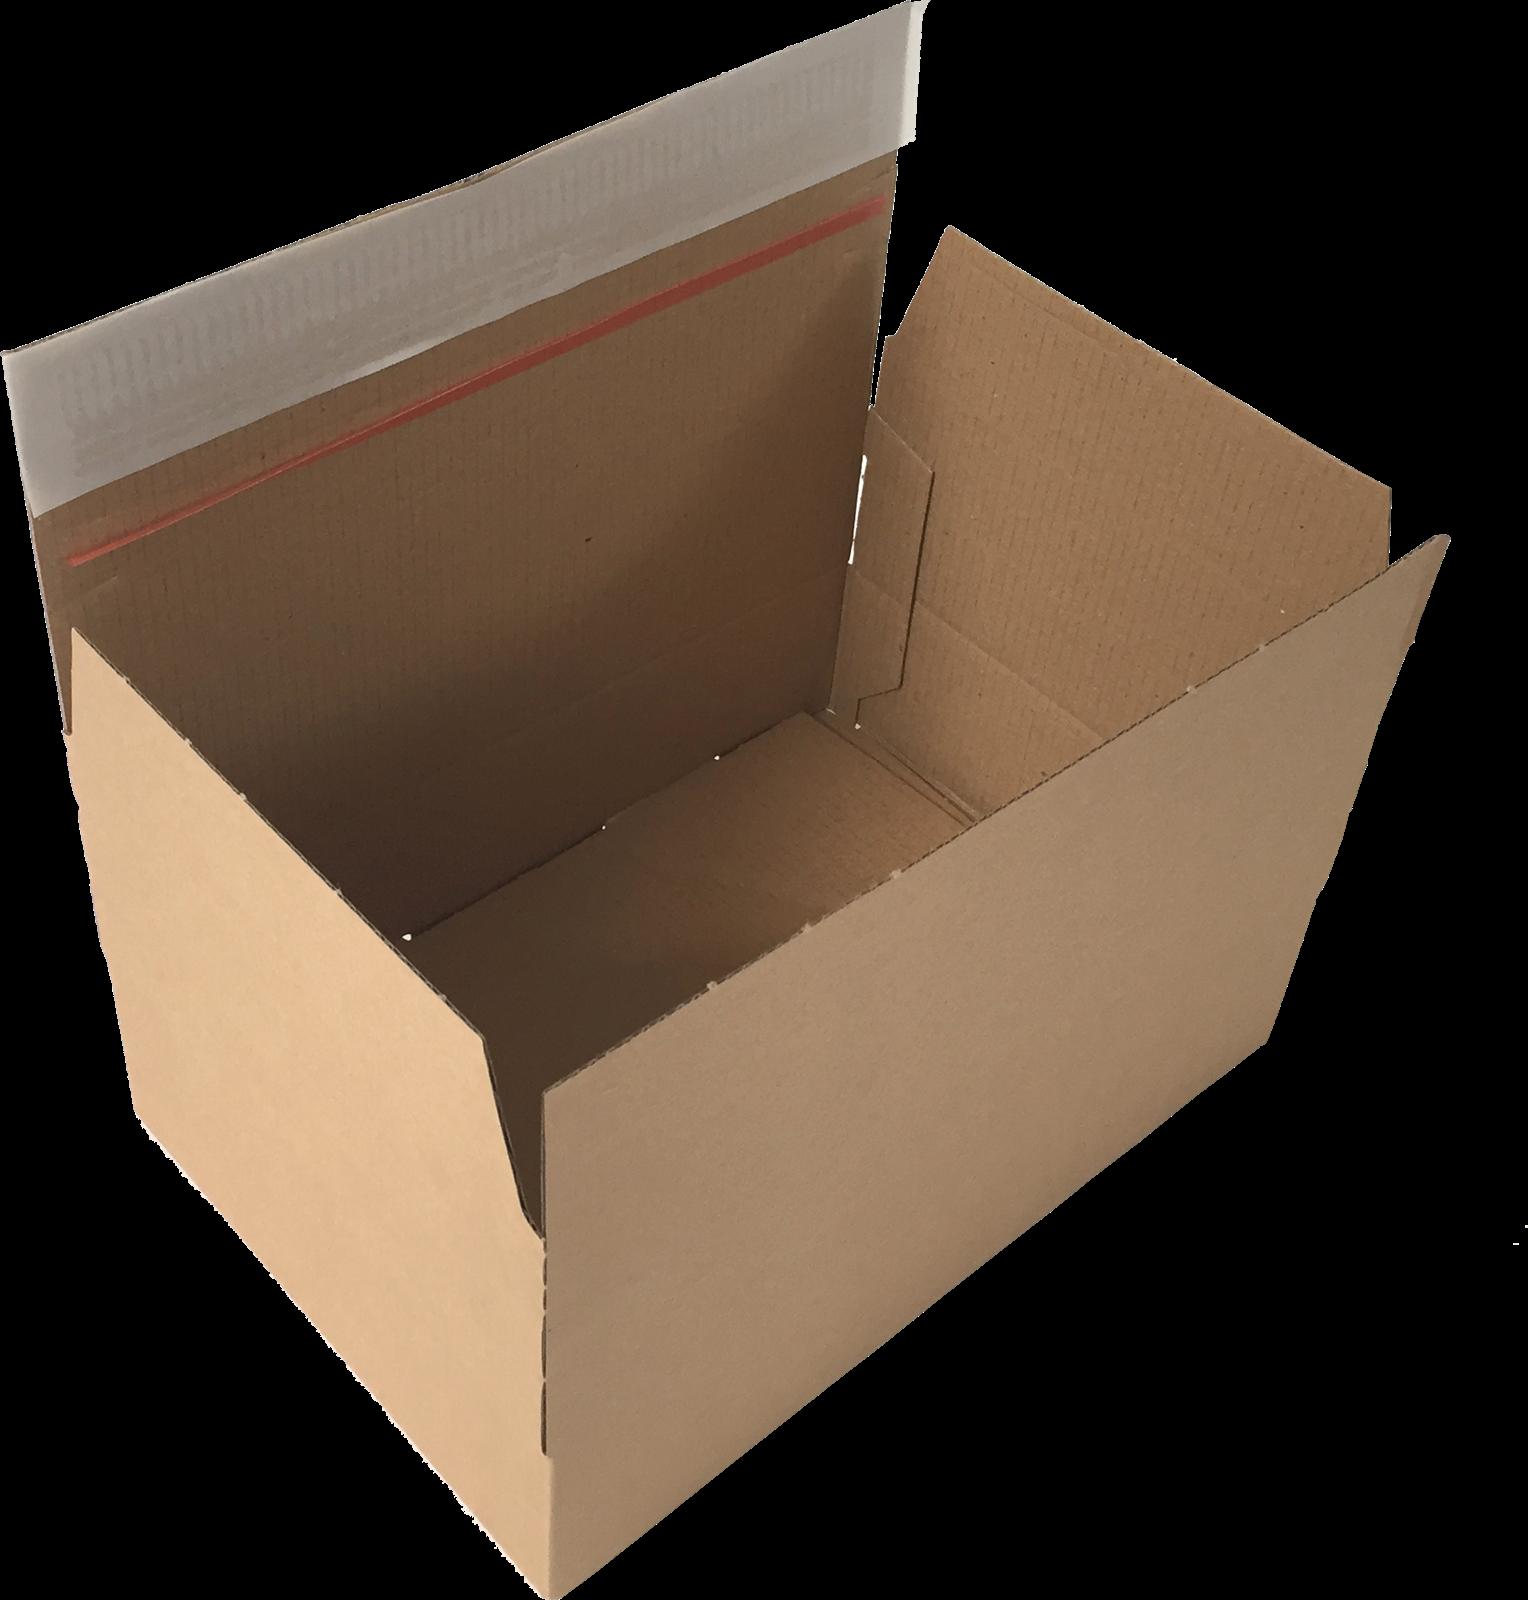 Outdoor matratze wetterfest  Schnelle Schachtel Wellpappe, mit vollüberlappendem Boden und ...